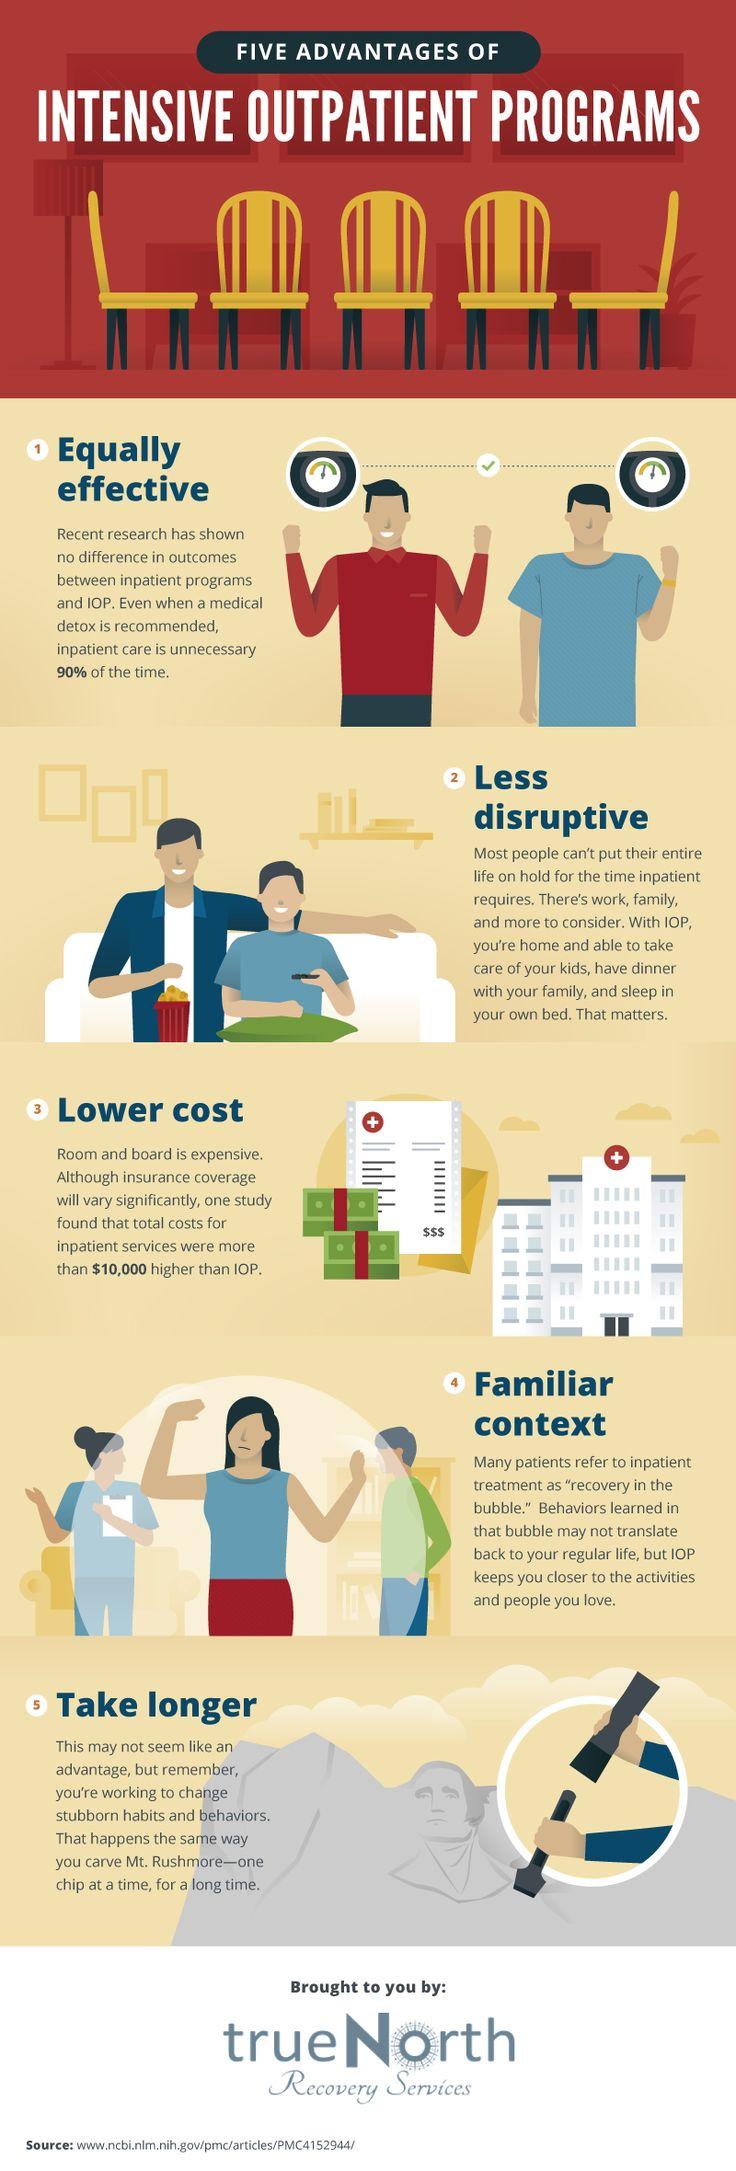 Five Advantages of Intensive Outpatient Programs